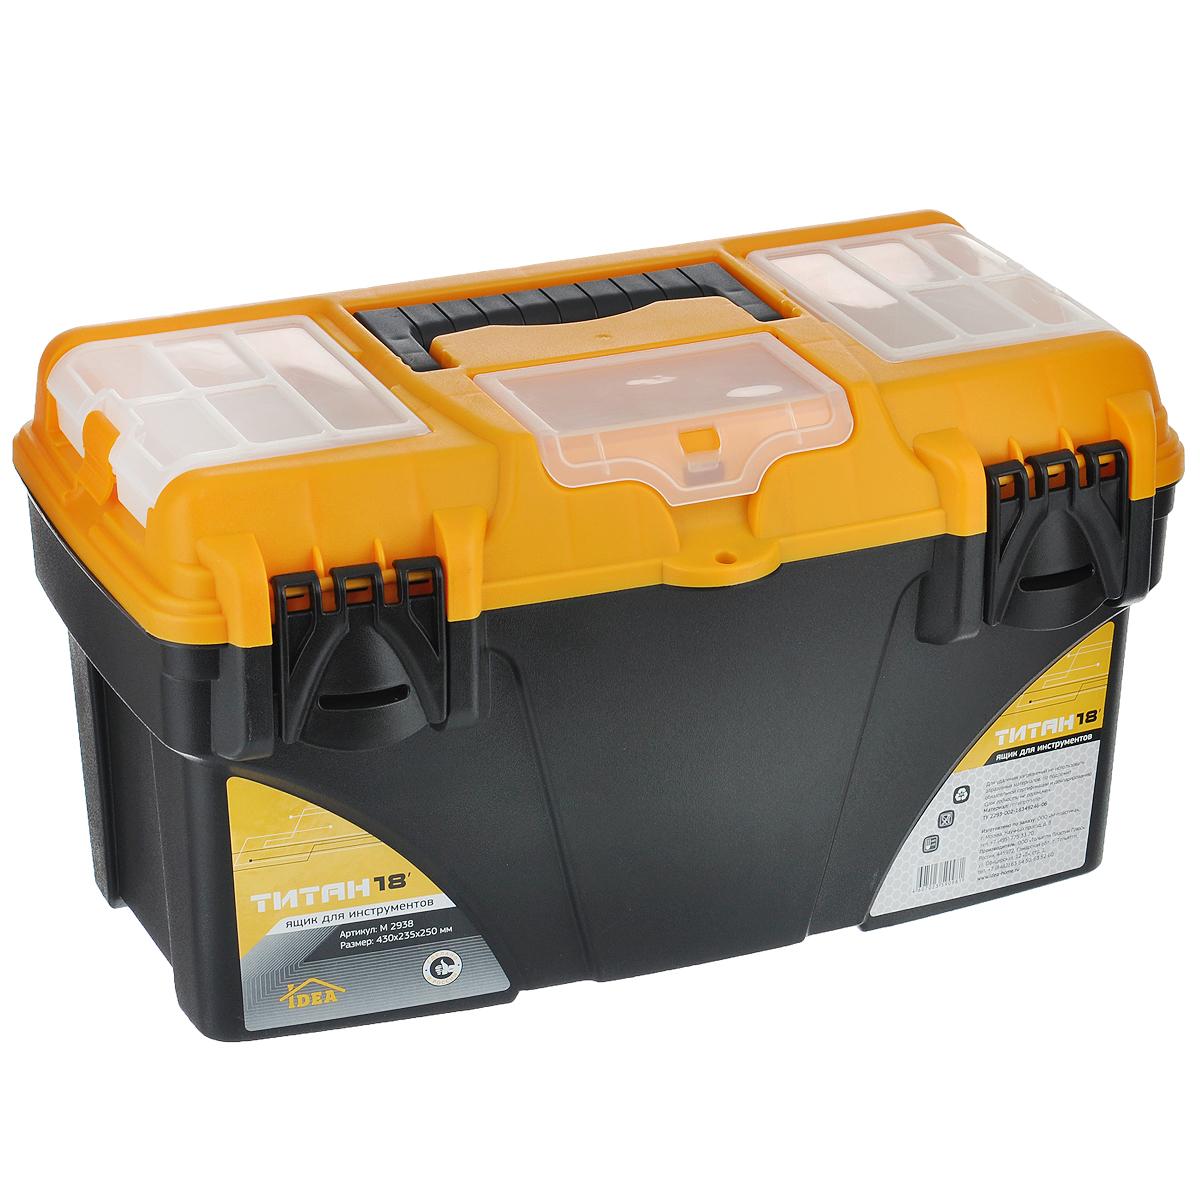 Ящик для инструментов Idea Титан 18, со съемным органайзером, 43 х 23,5 х 25 см ящик biber 65402 для инструментов 18